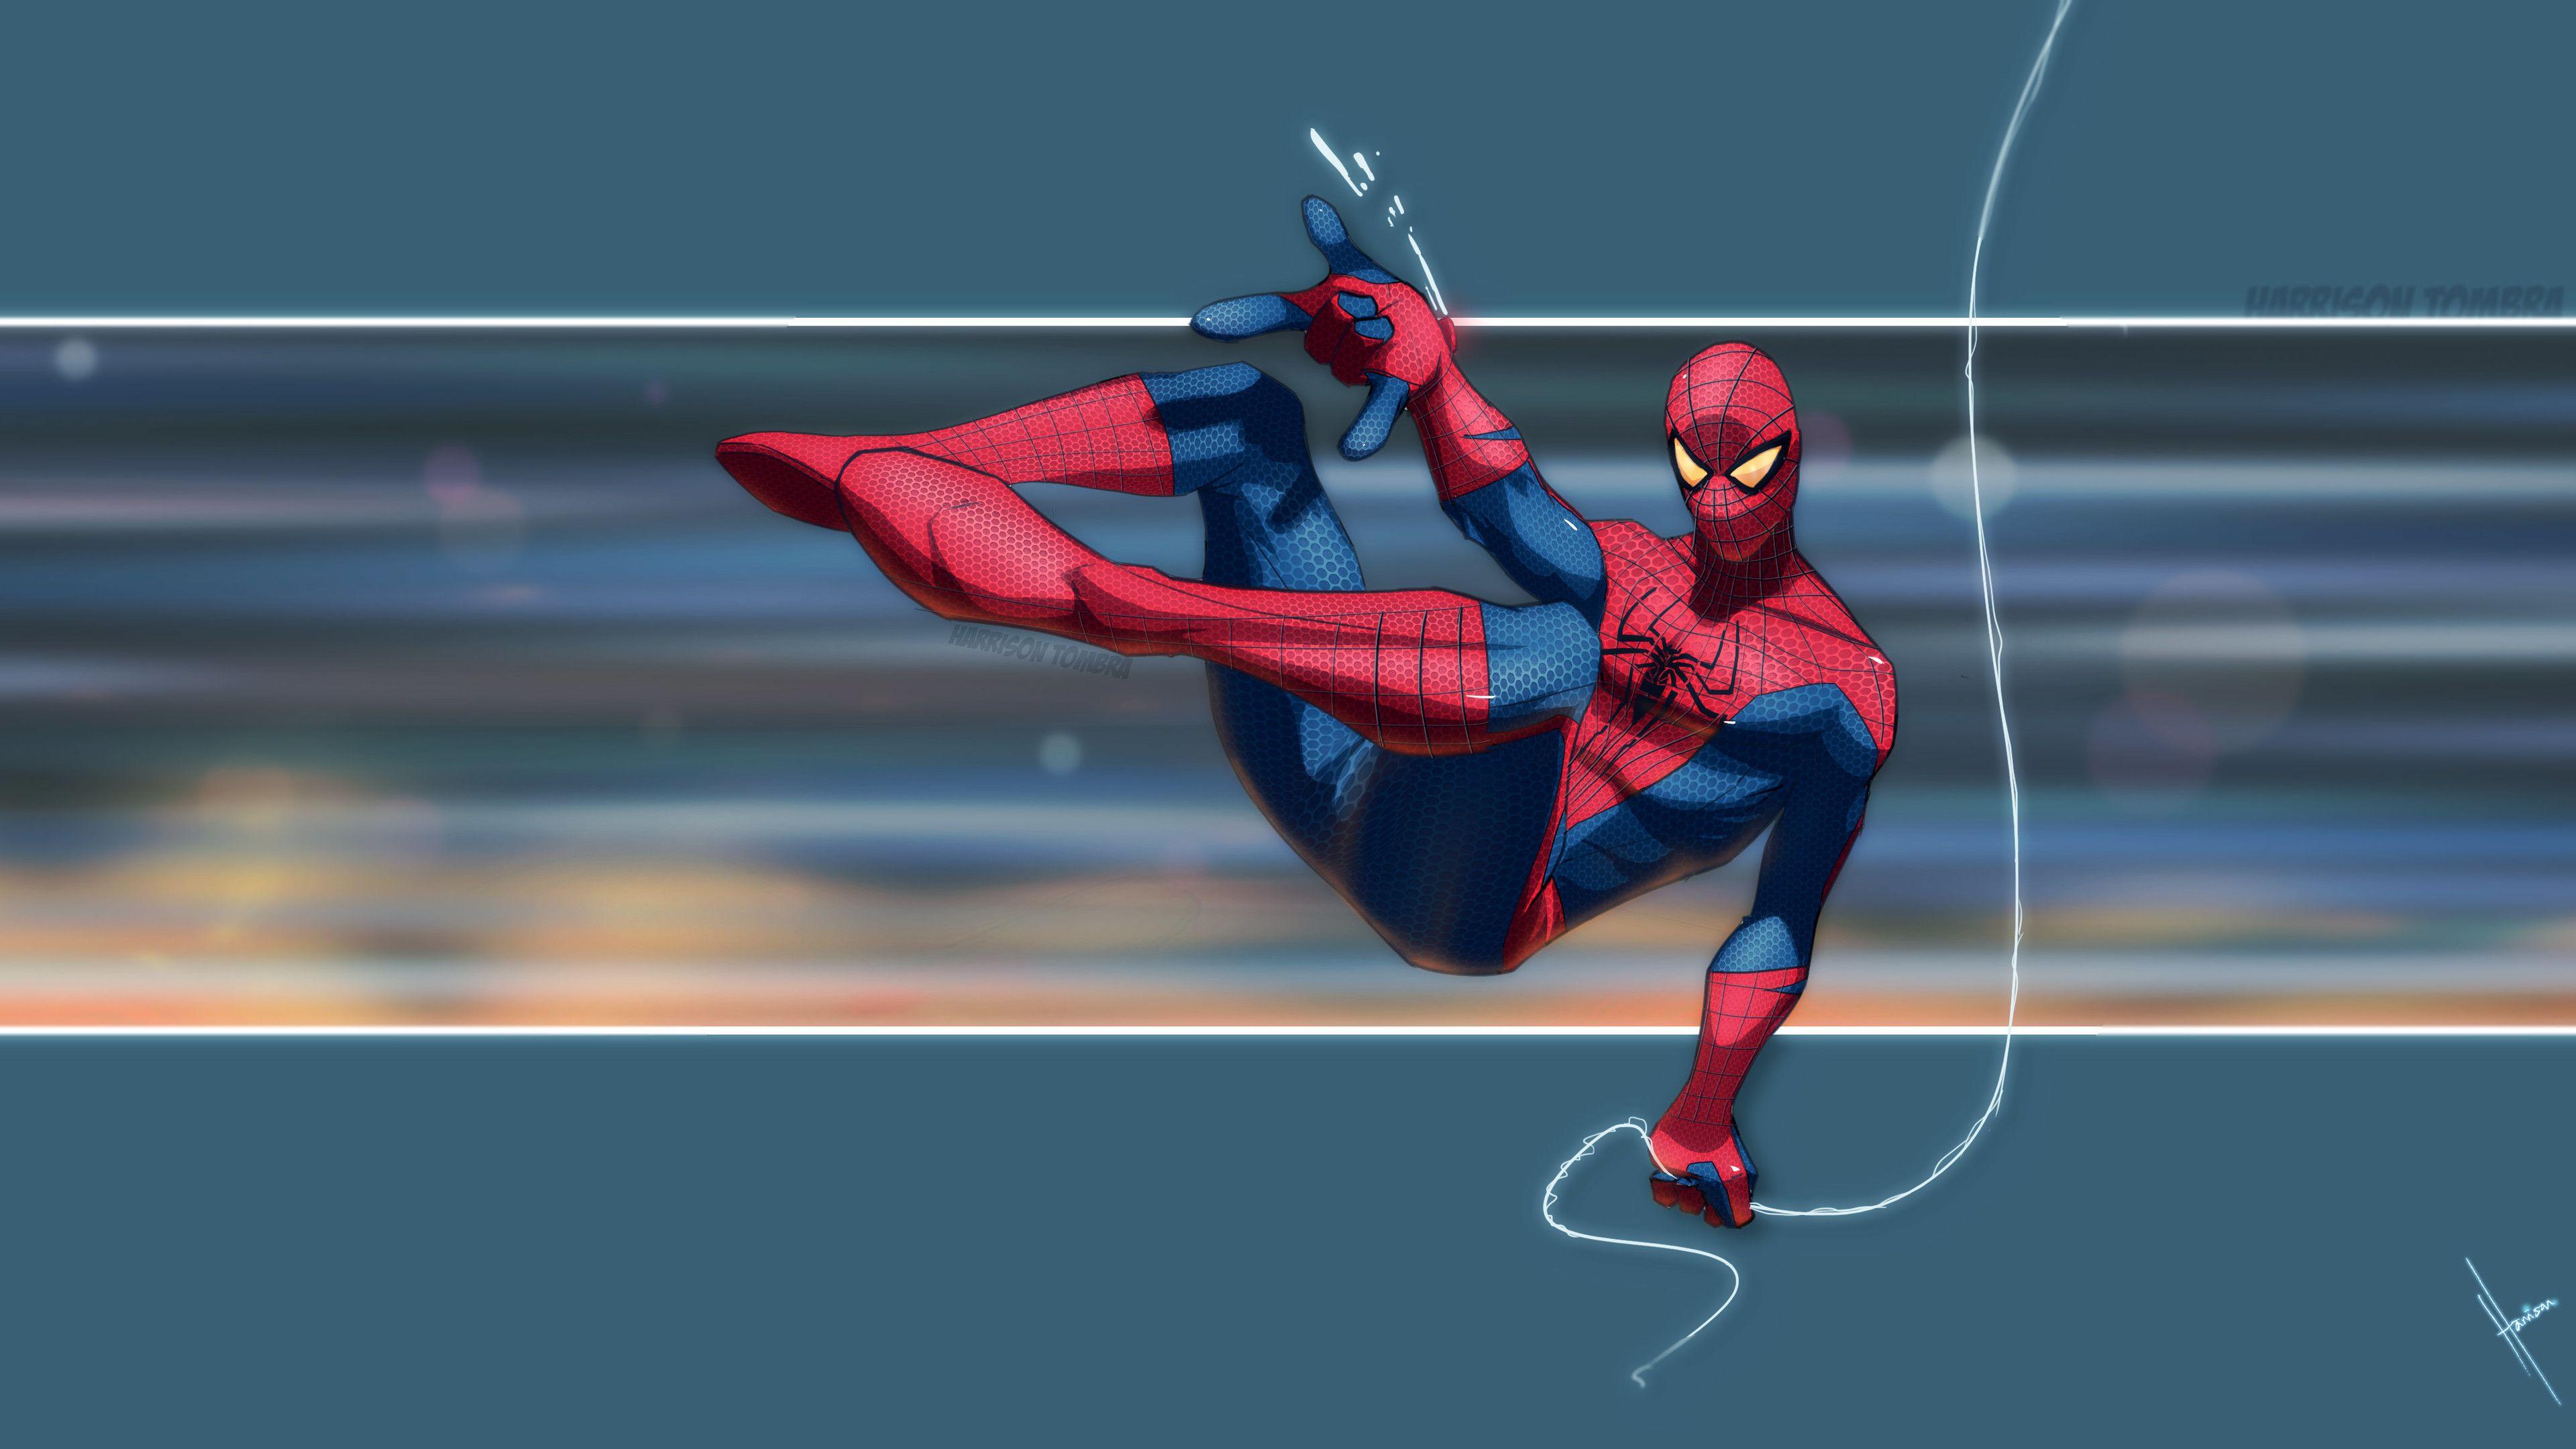 Spider Boy 4k Superheroes Wallpapers Spiderman Wallpapers Hd Wallpapers Digital Art Wallpapers Deviantart Wallpapers Spiderman Art Wallpaper Hd Wallpaper